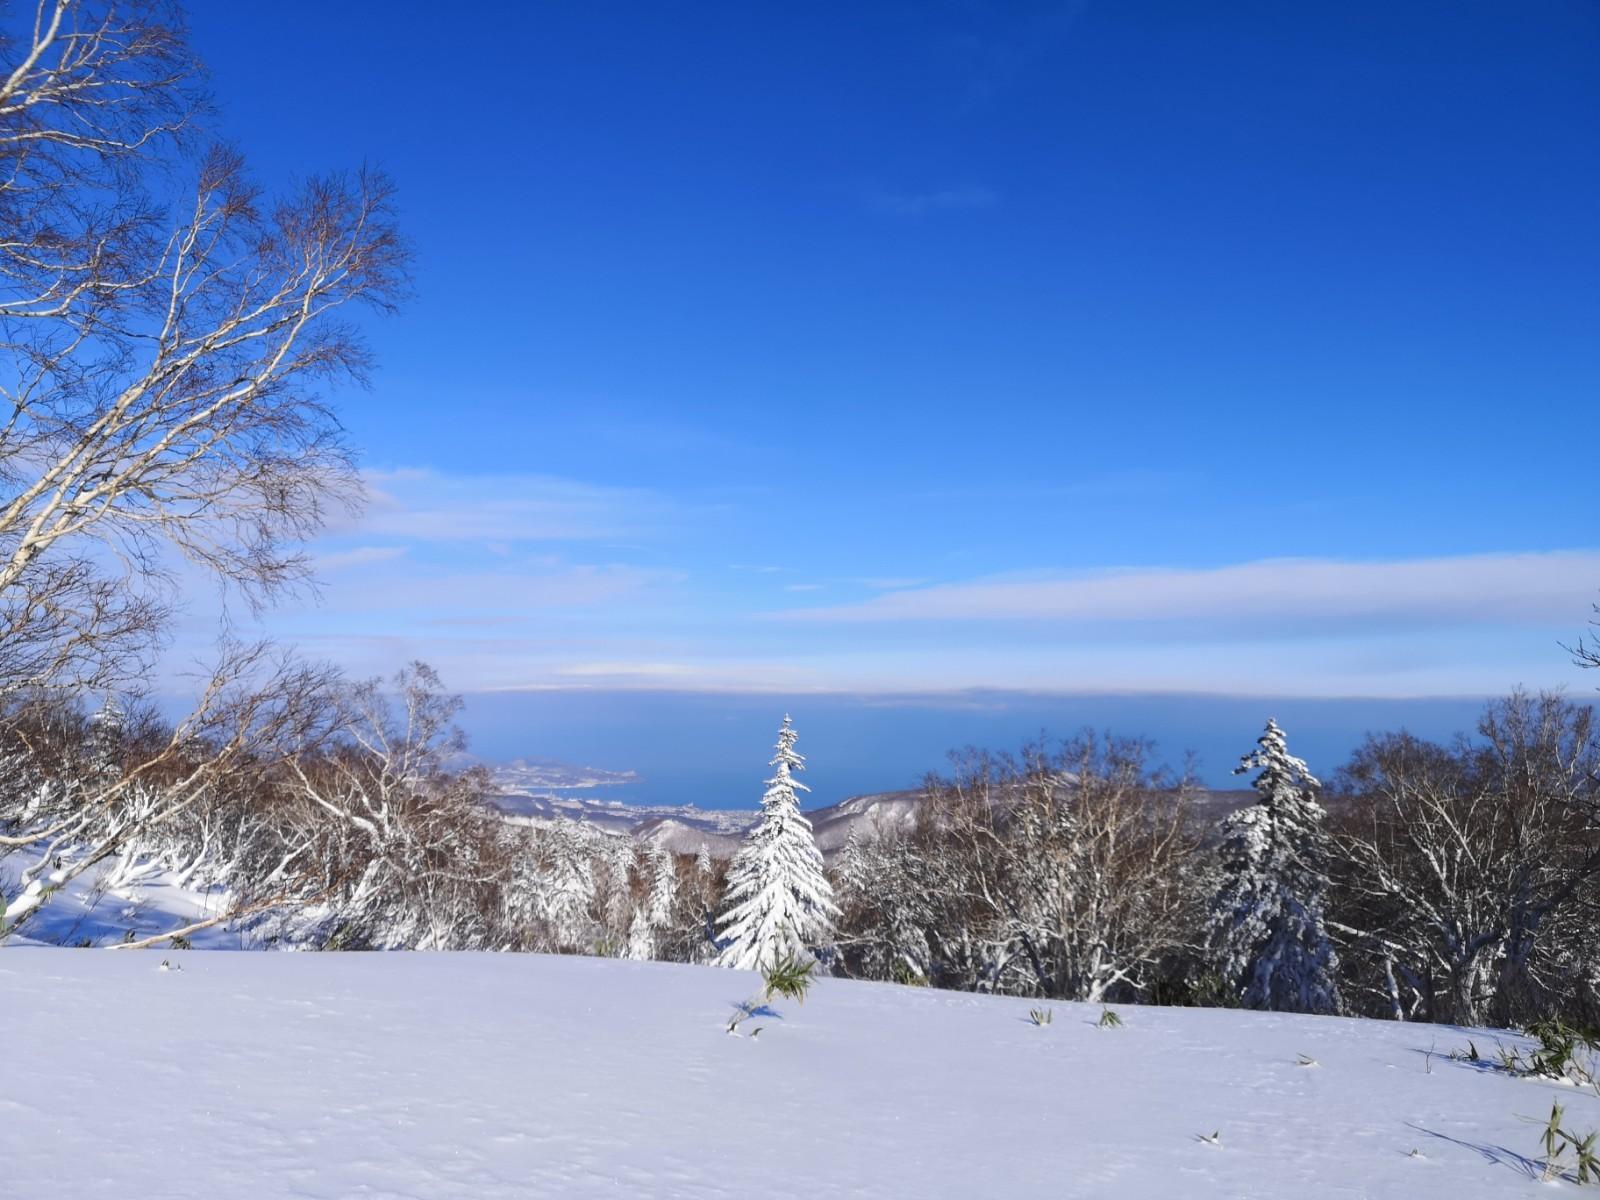 BCスキー 余市岳_d0198793_13122747.jpg